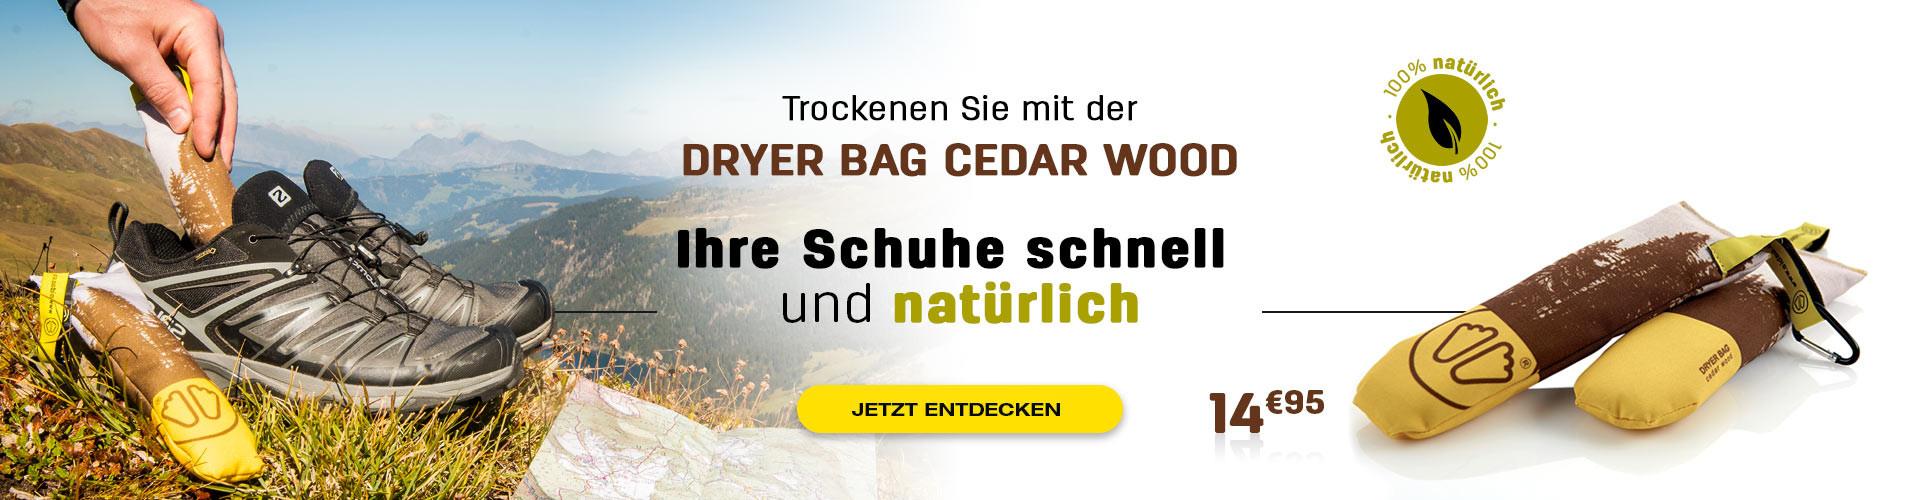 Trocknen Sie Ihre Schuhe dank der Wirkung von Zedernholz natürlich und schnell